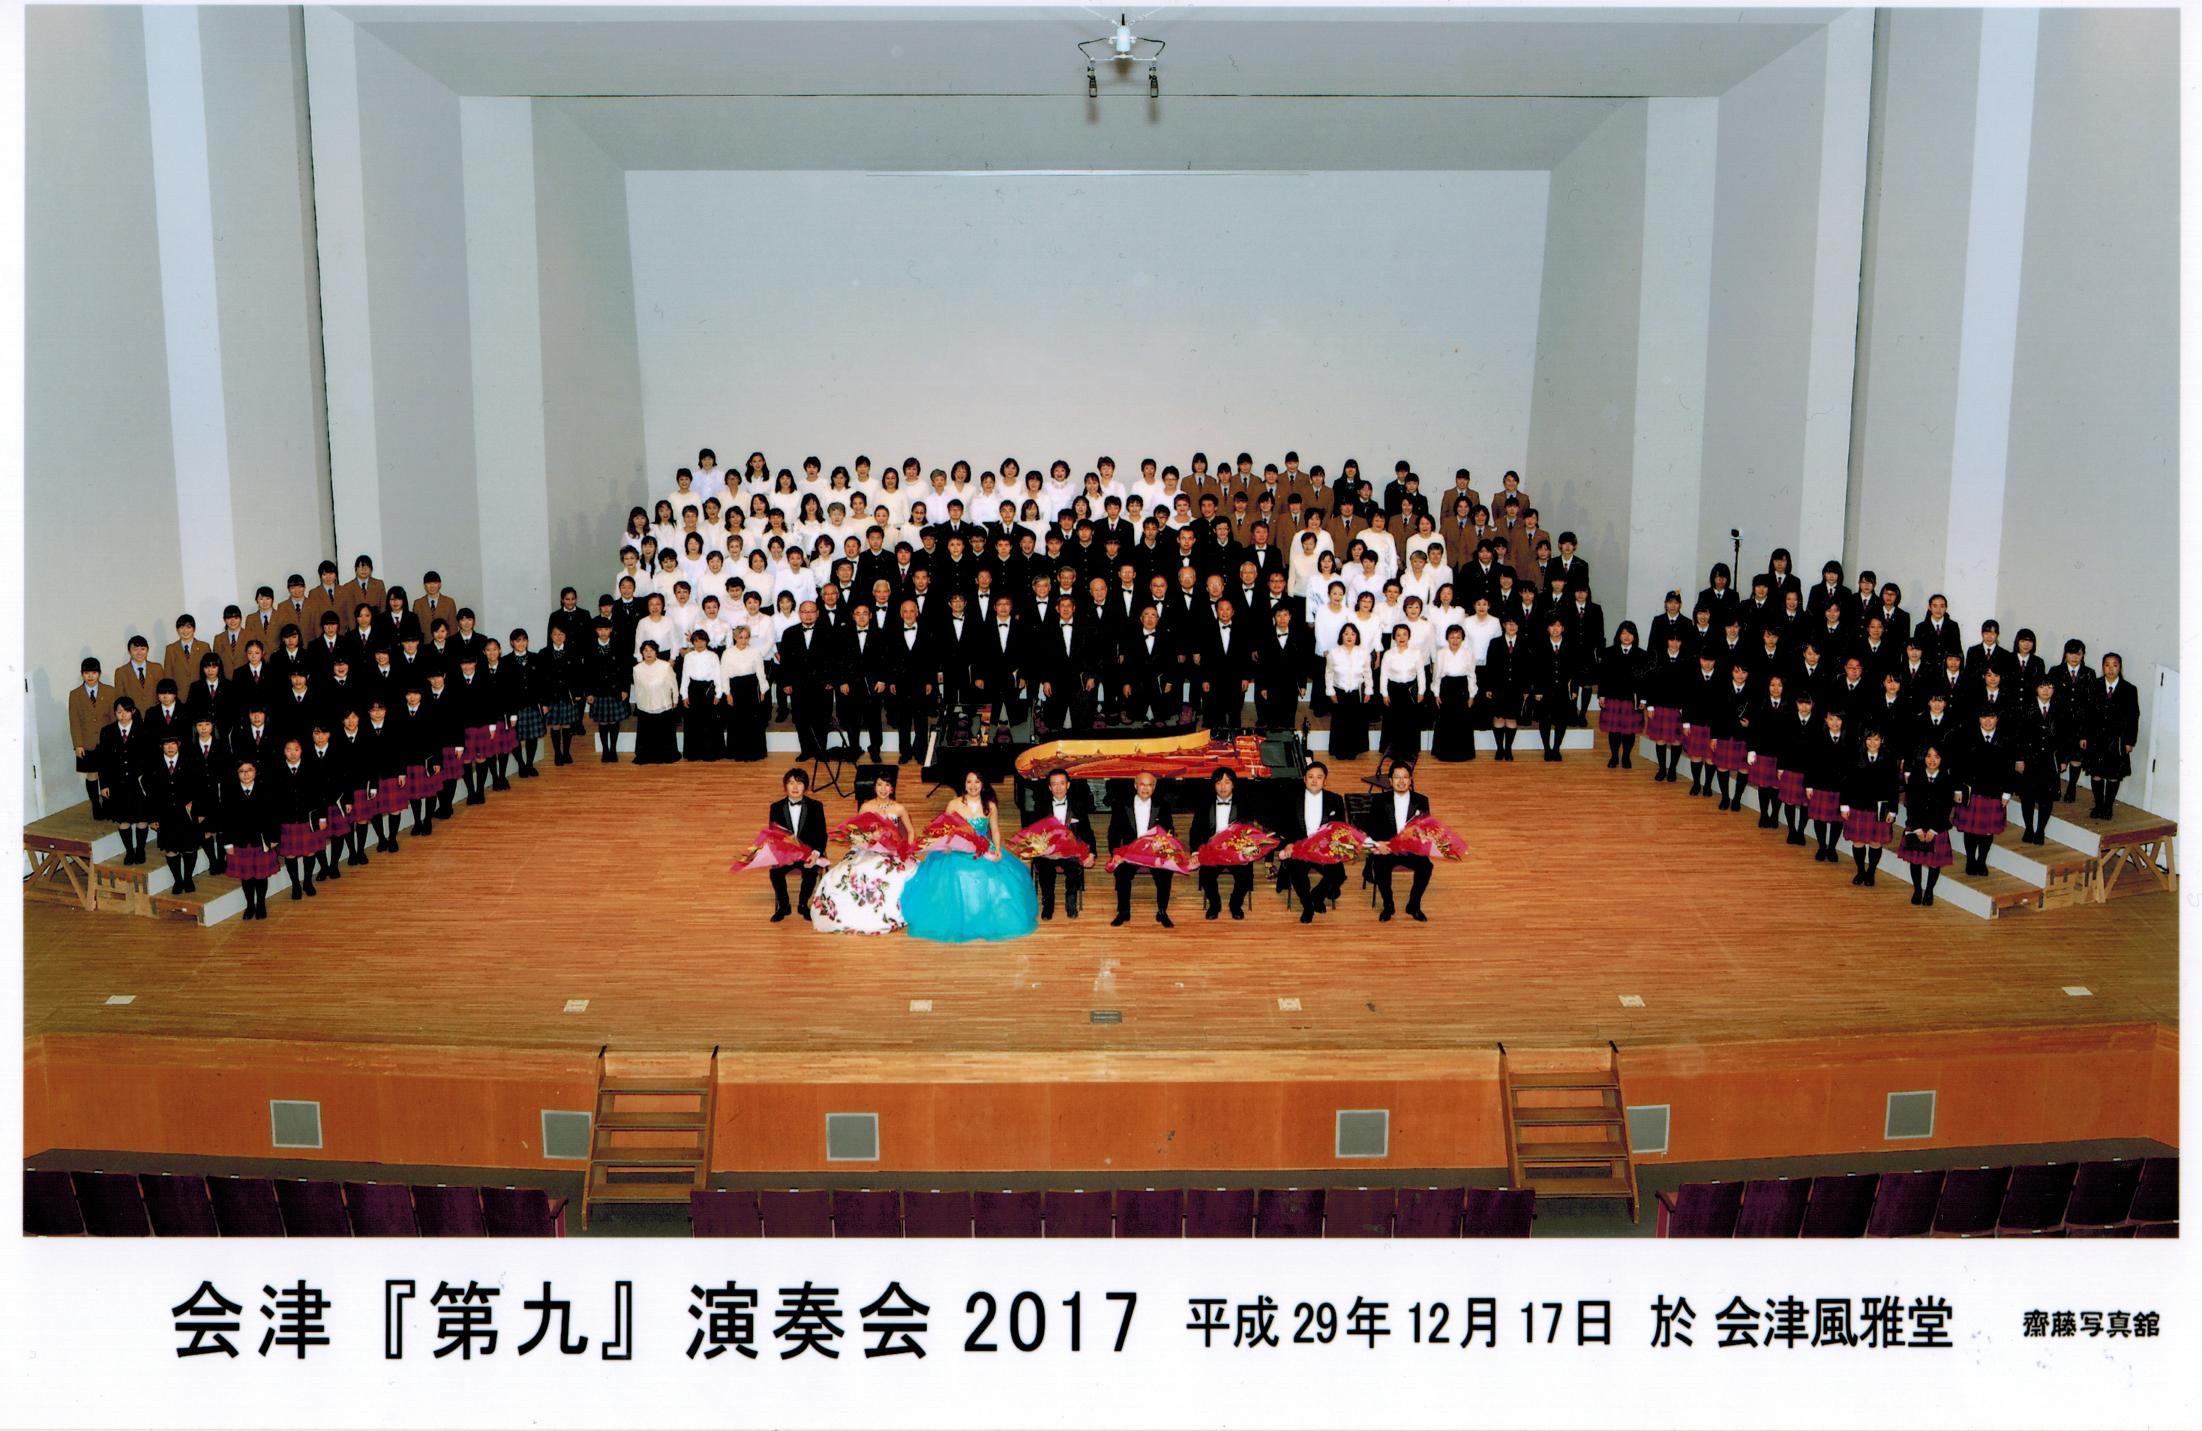 daiku2017